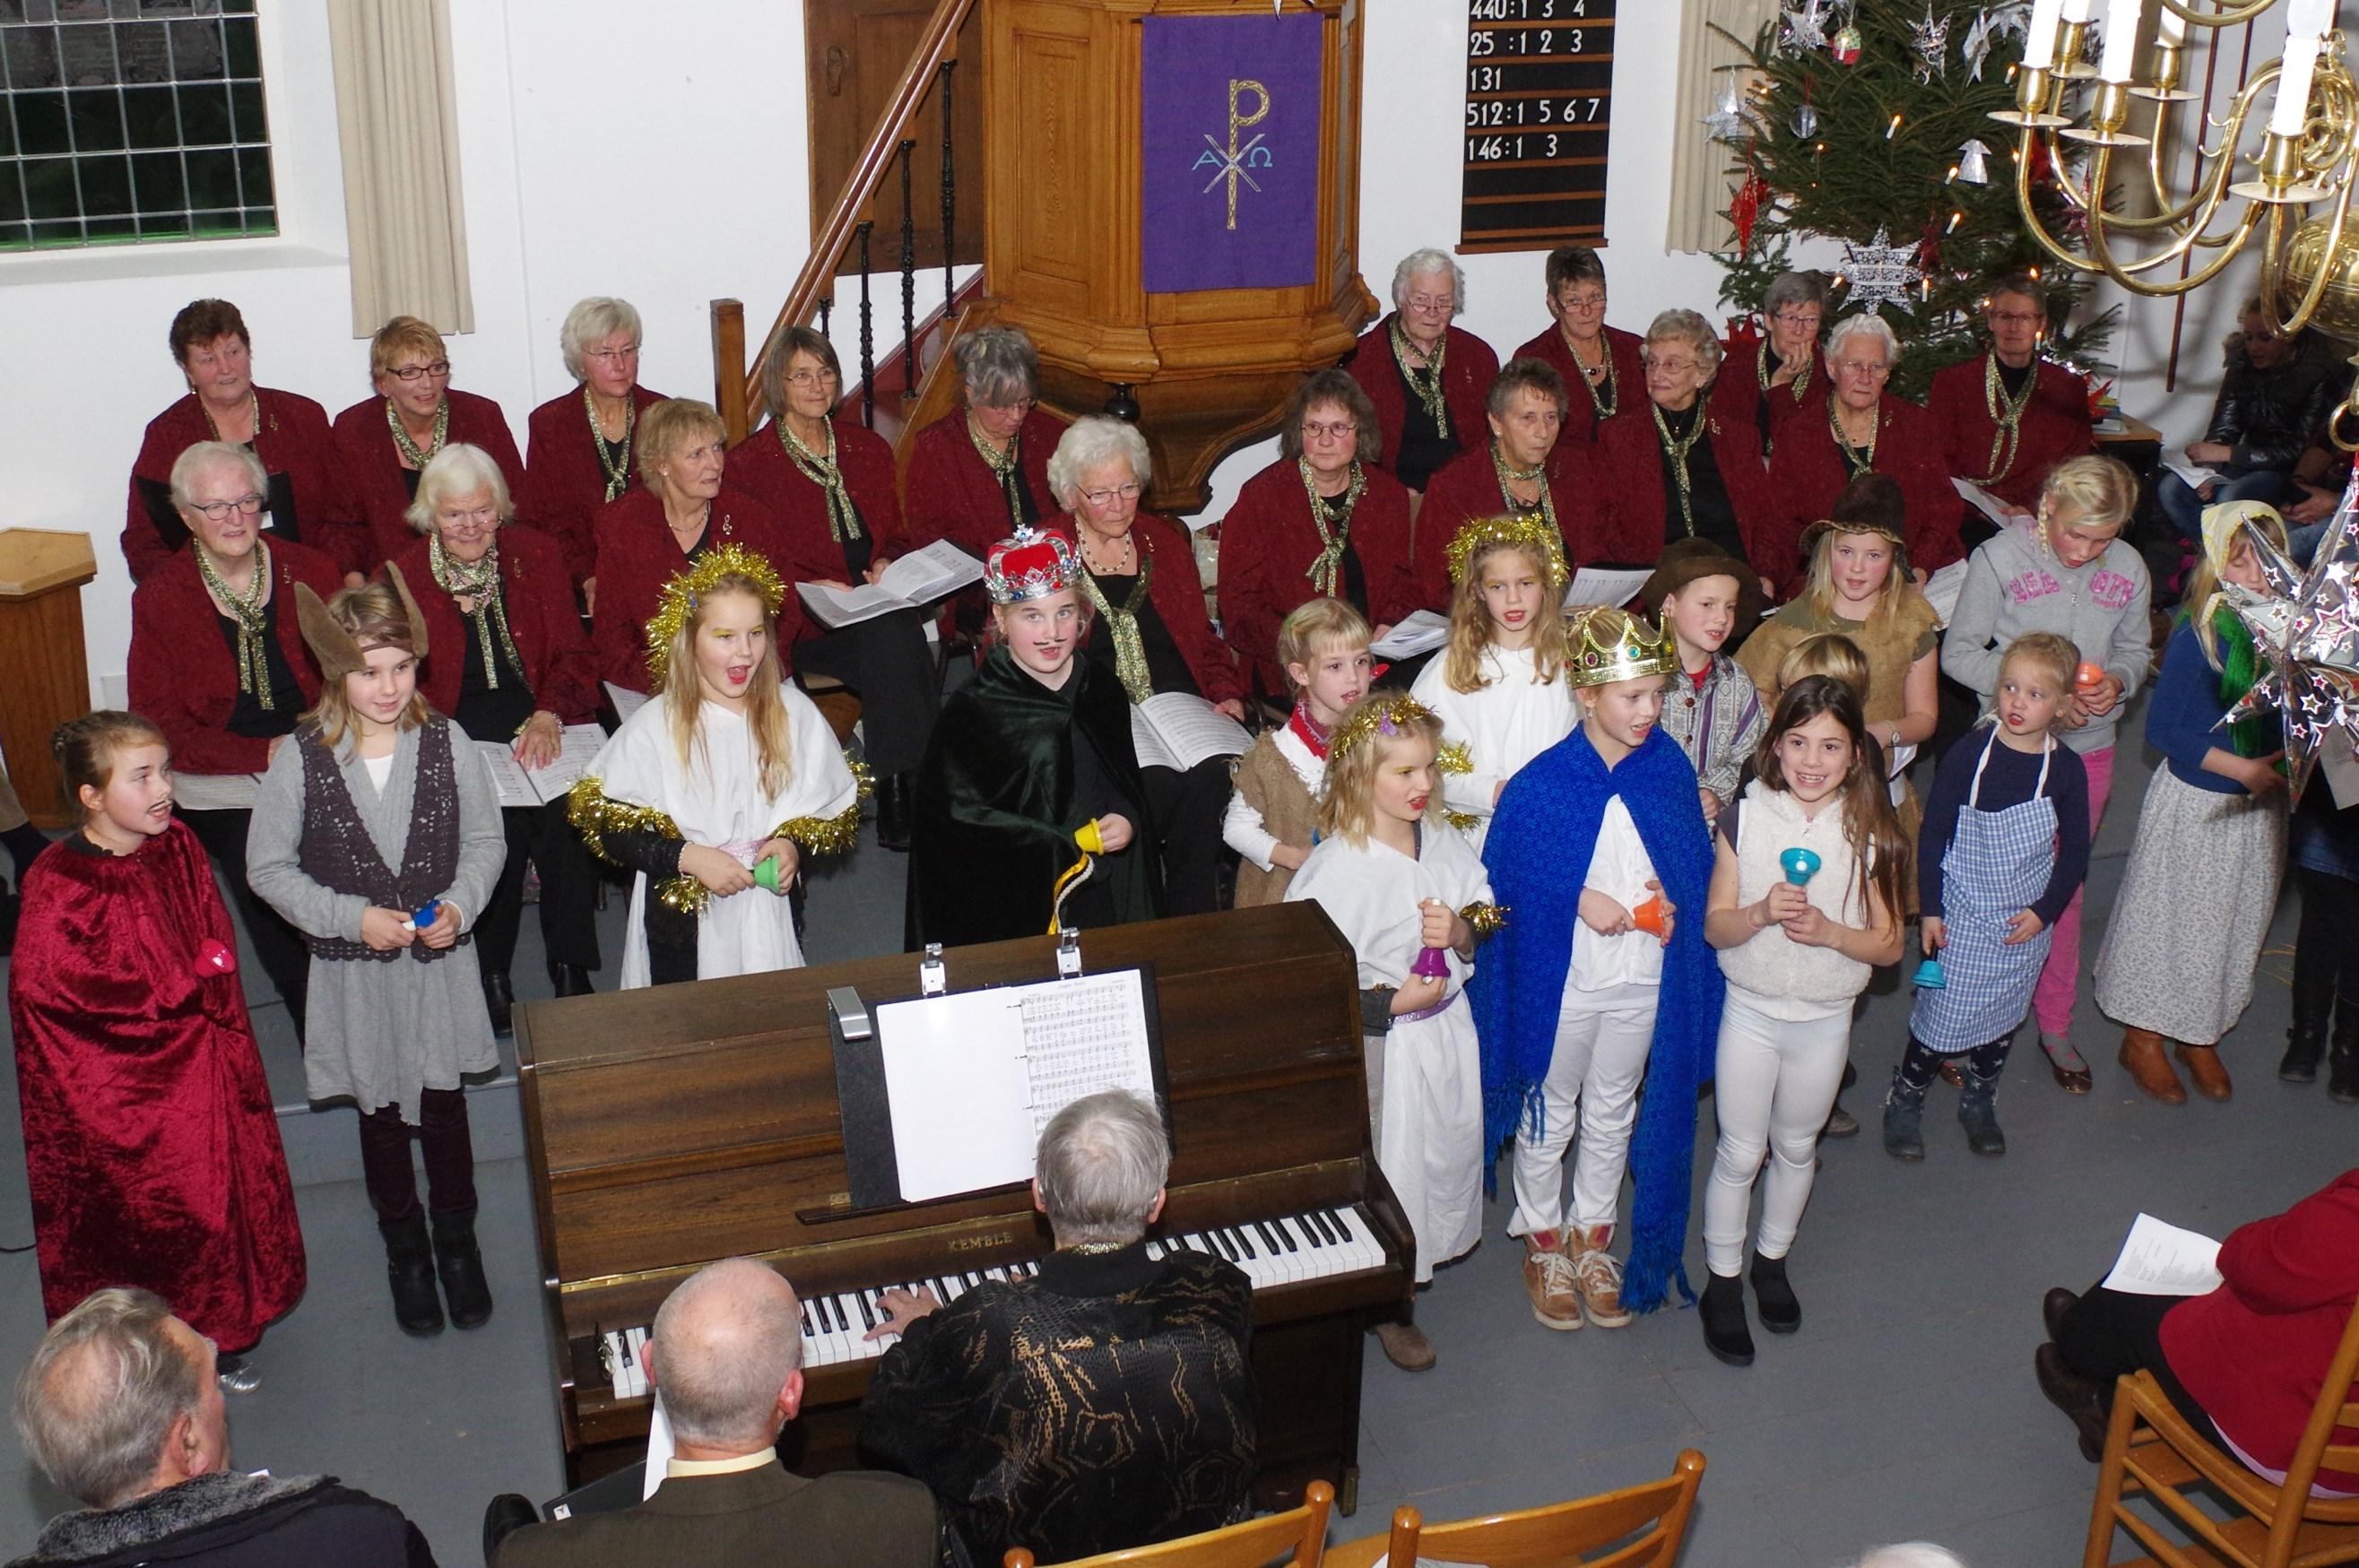 Samenzang in PKN kerk 2013